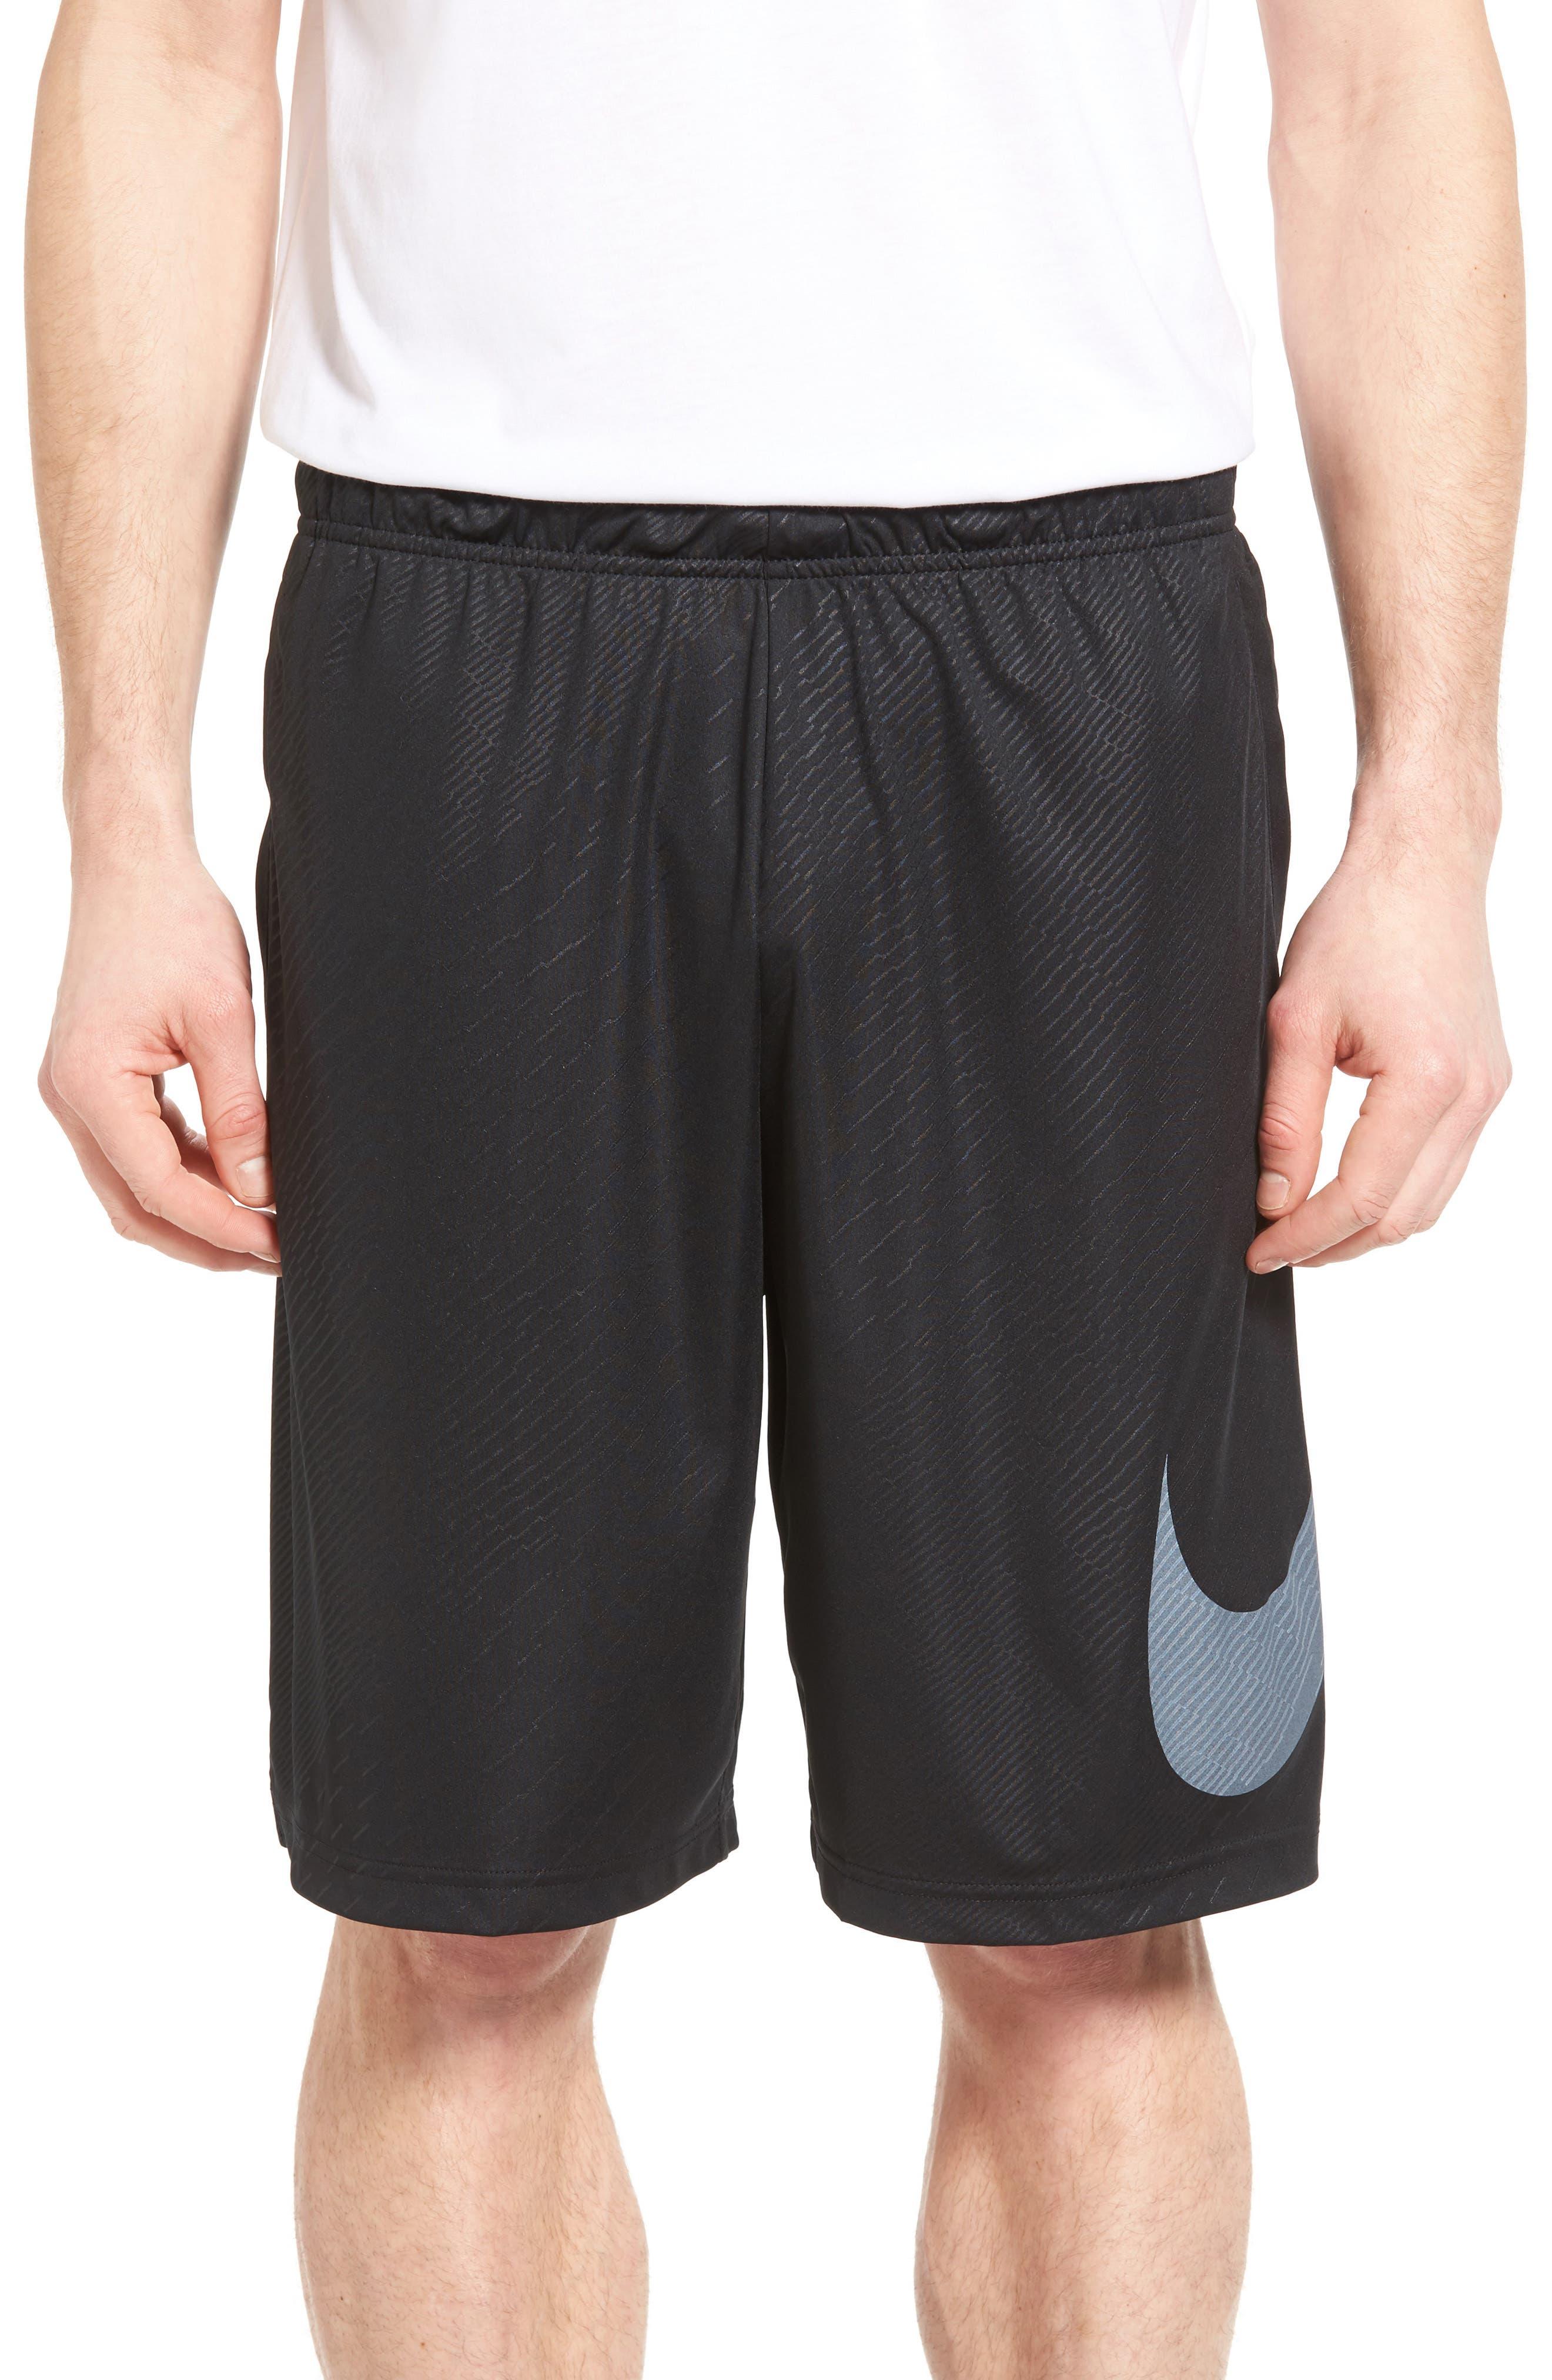 Alternate Image 1 Selected - Nike Dry Training Shorts